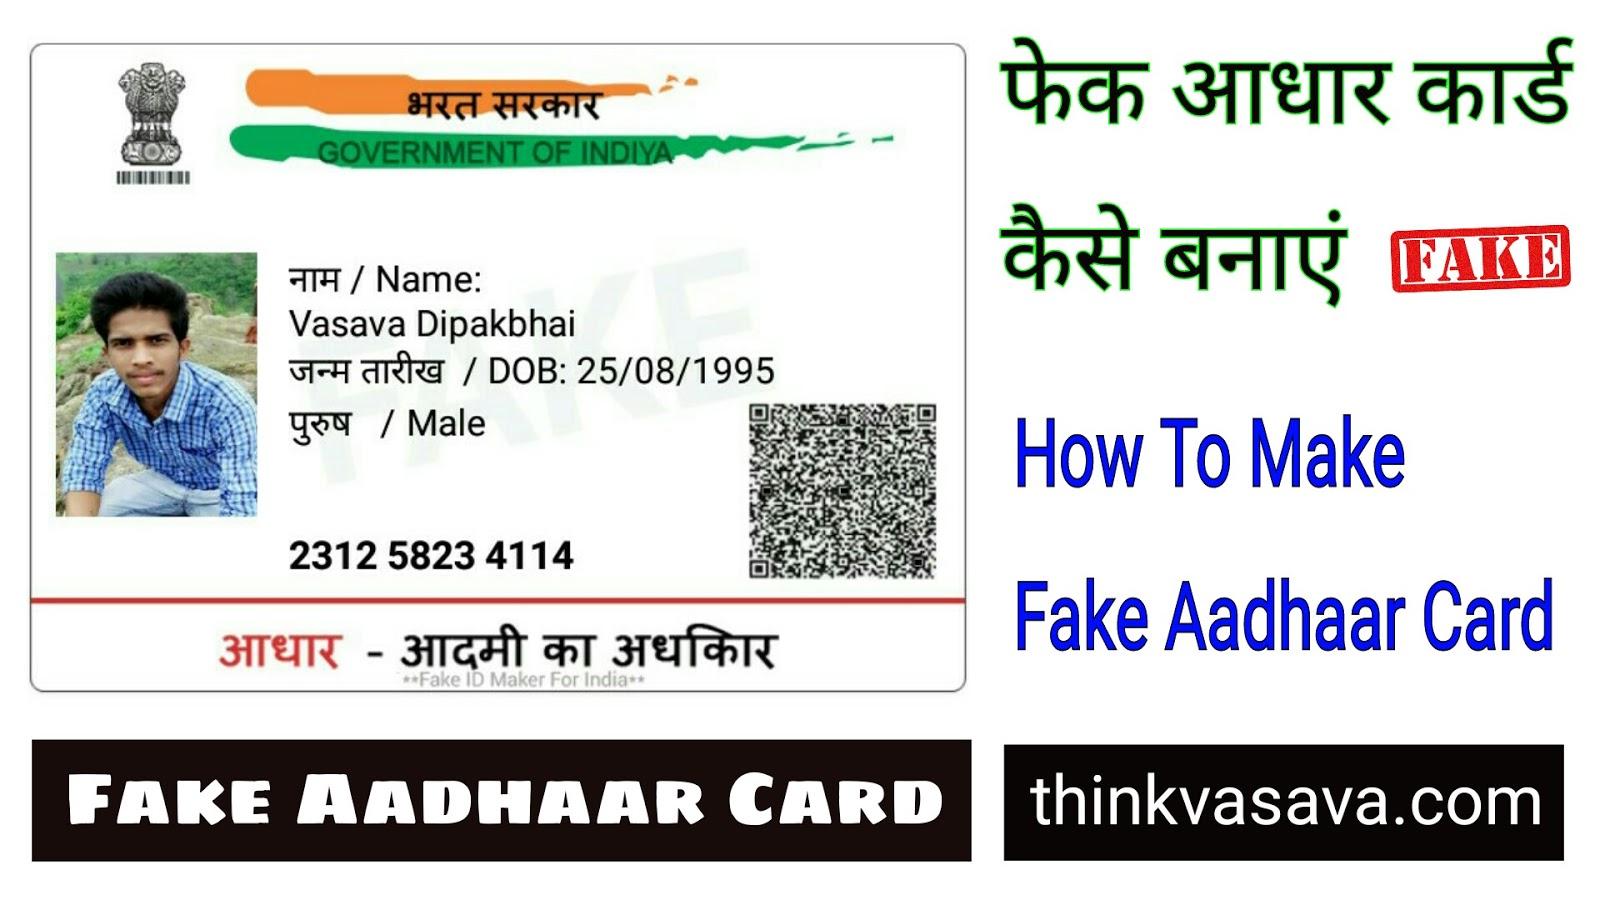 Card Fake Banaye Kaise Aadhaar